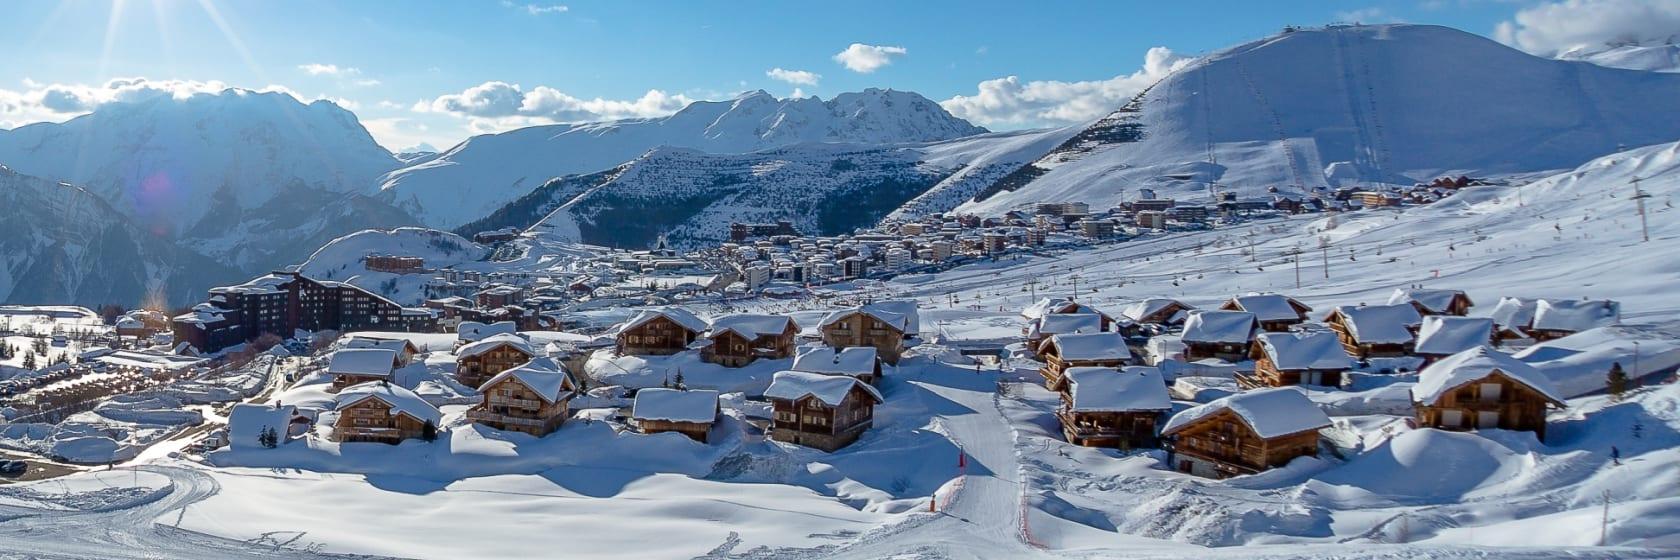 Sneklædte hoteller i skiområde med blå himmel i Alpe d Huez